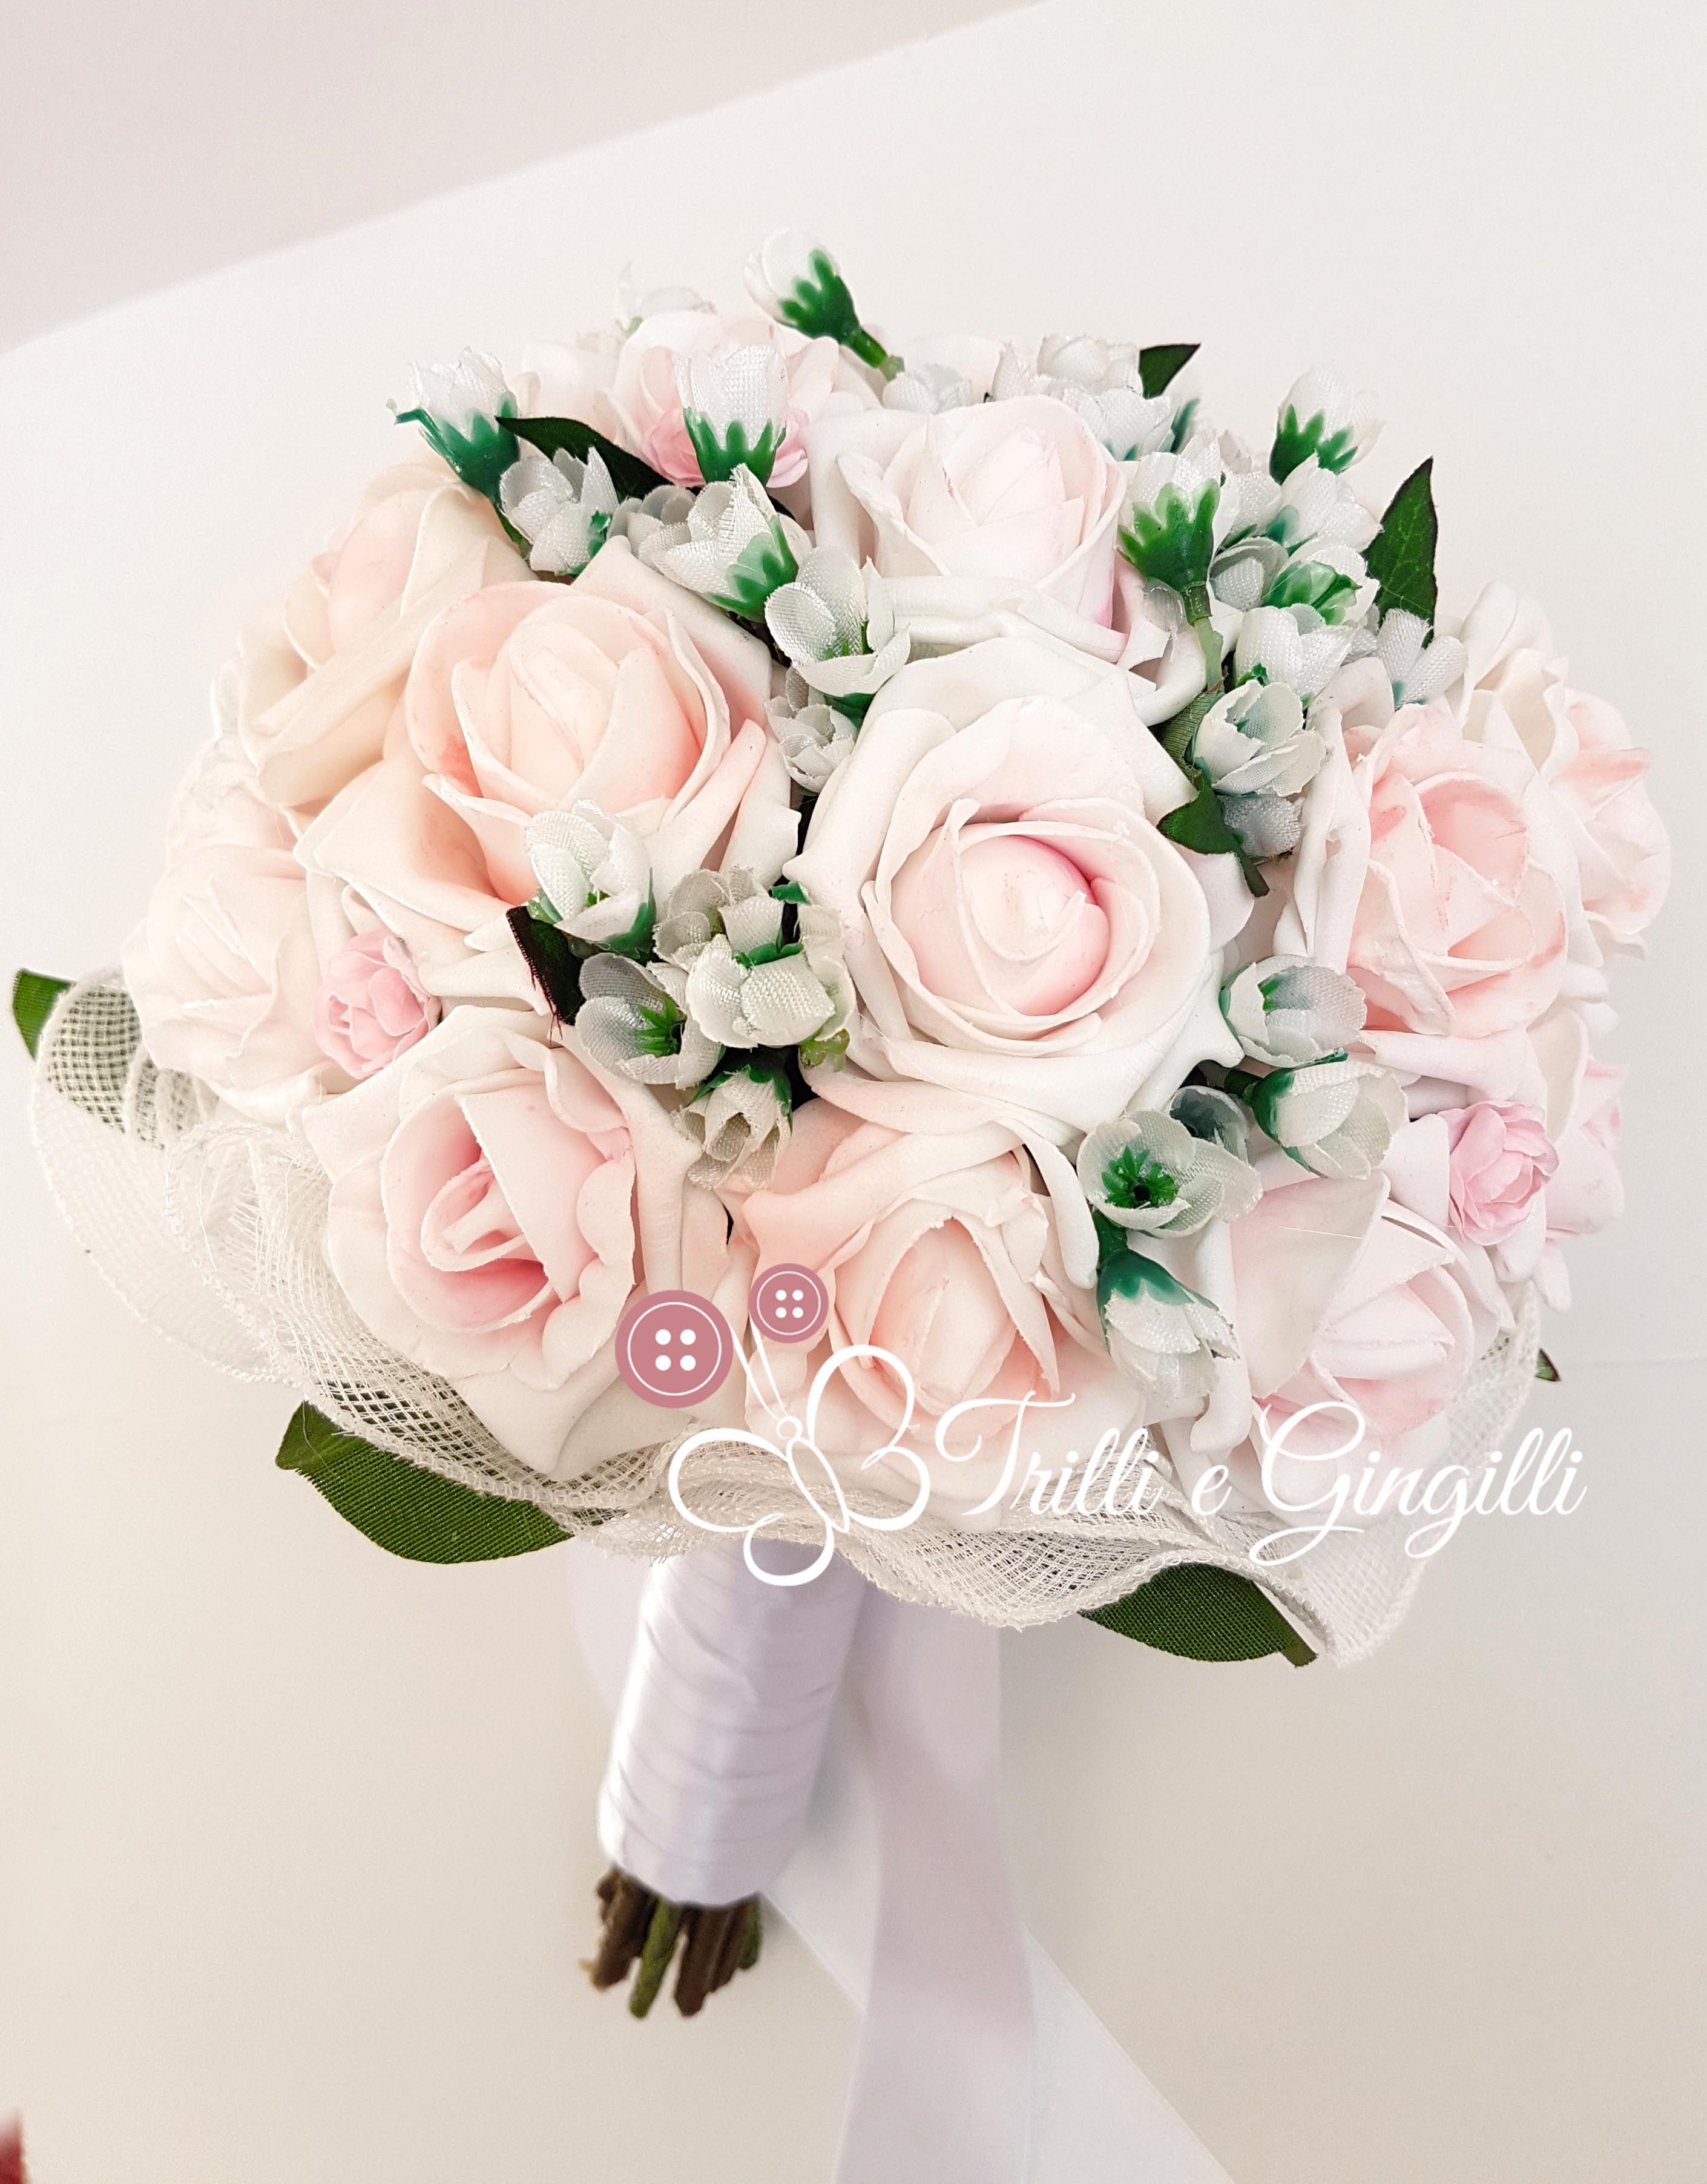 Bouquet Sposa Rose Rosa.Bouquet Sposa Di Fiori Finti Con Rose Rosa Personalizzabile Con